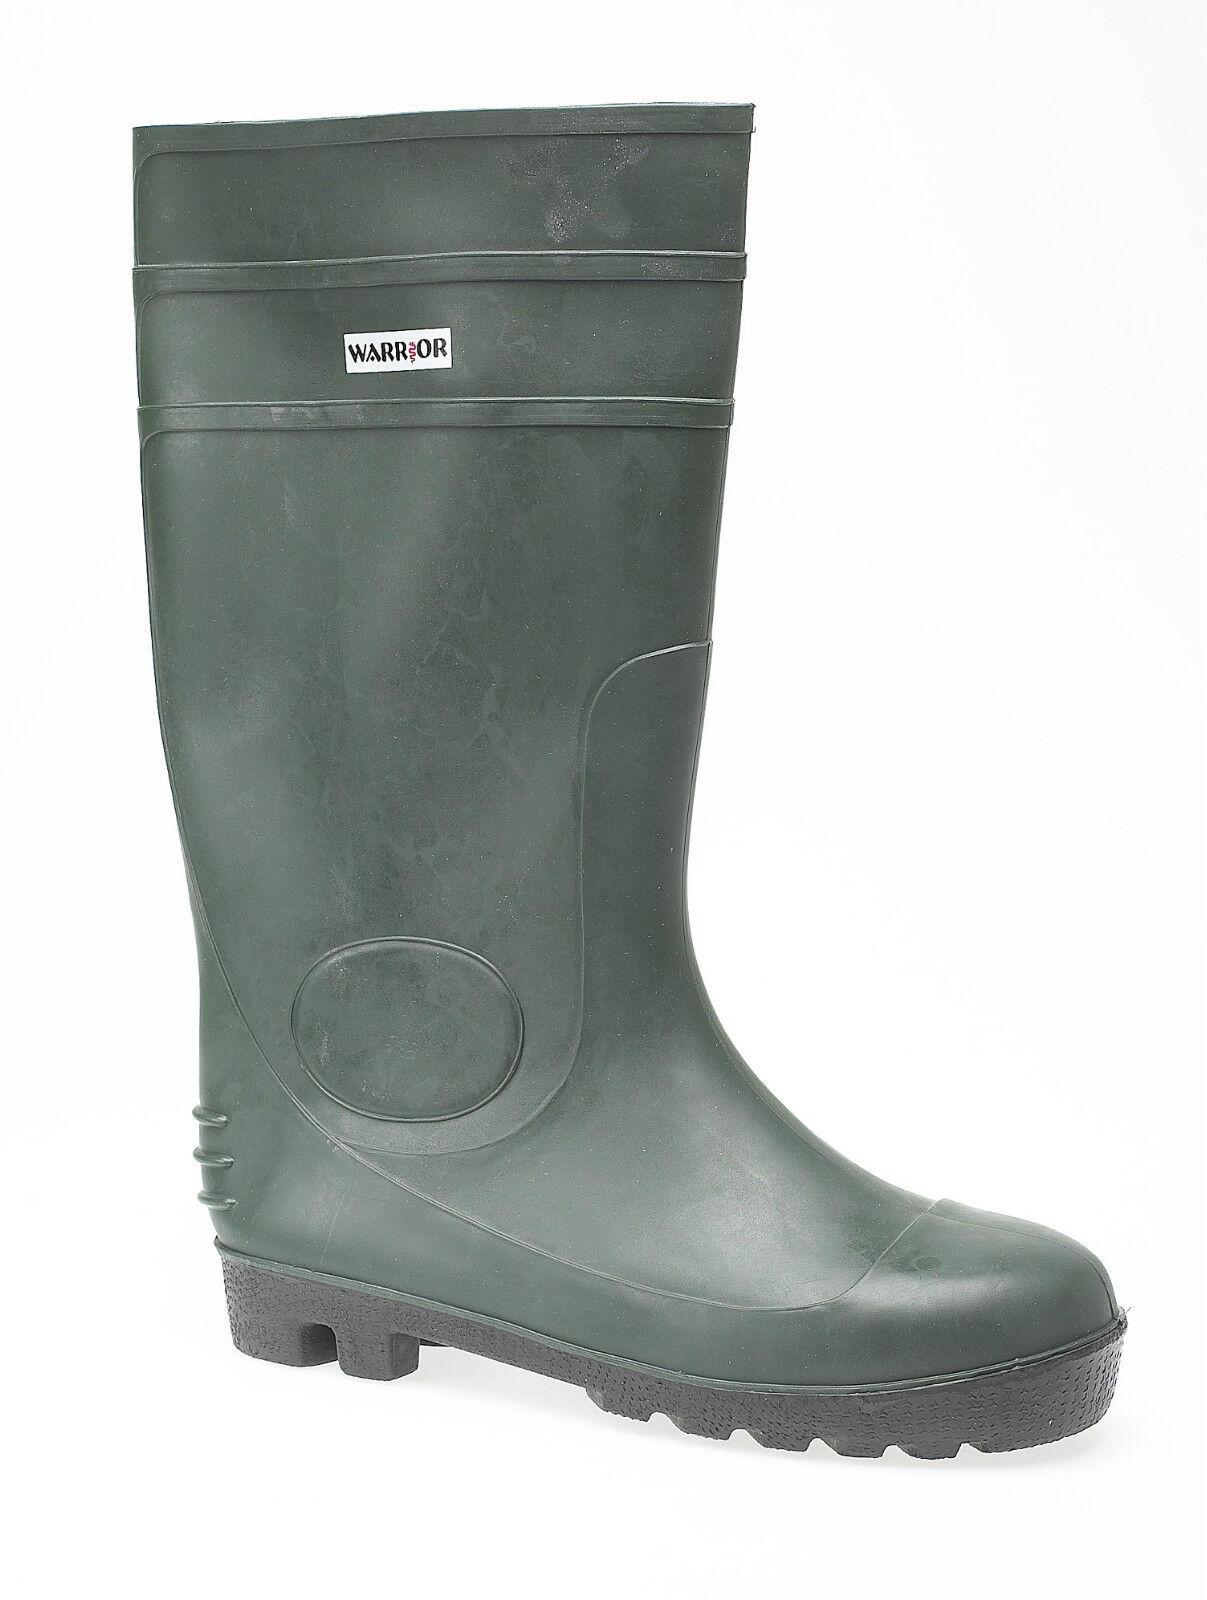 Warrior Green PVC Waterproof Outdoor Wellington Boots Footwear Festival Wellies